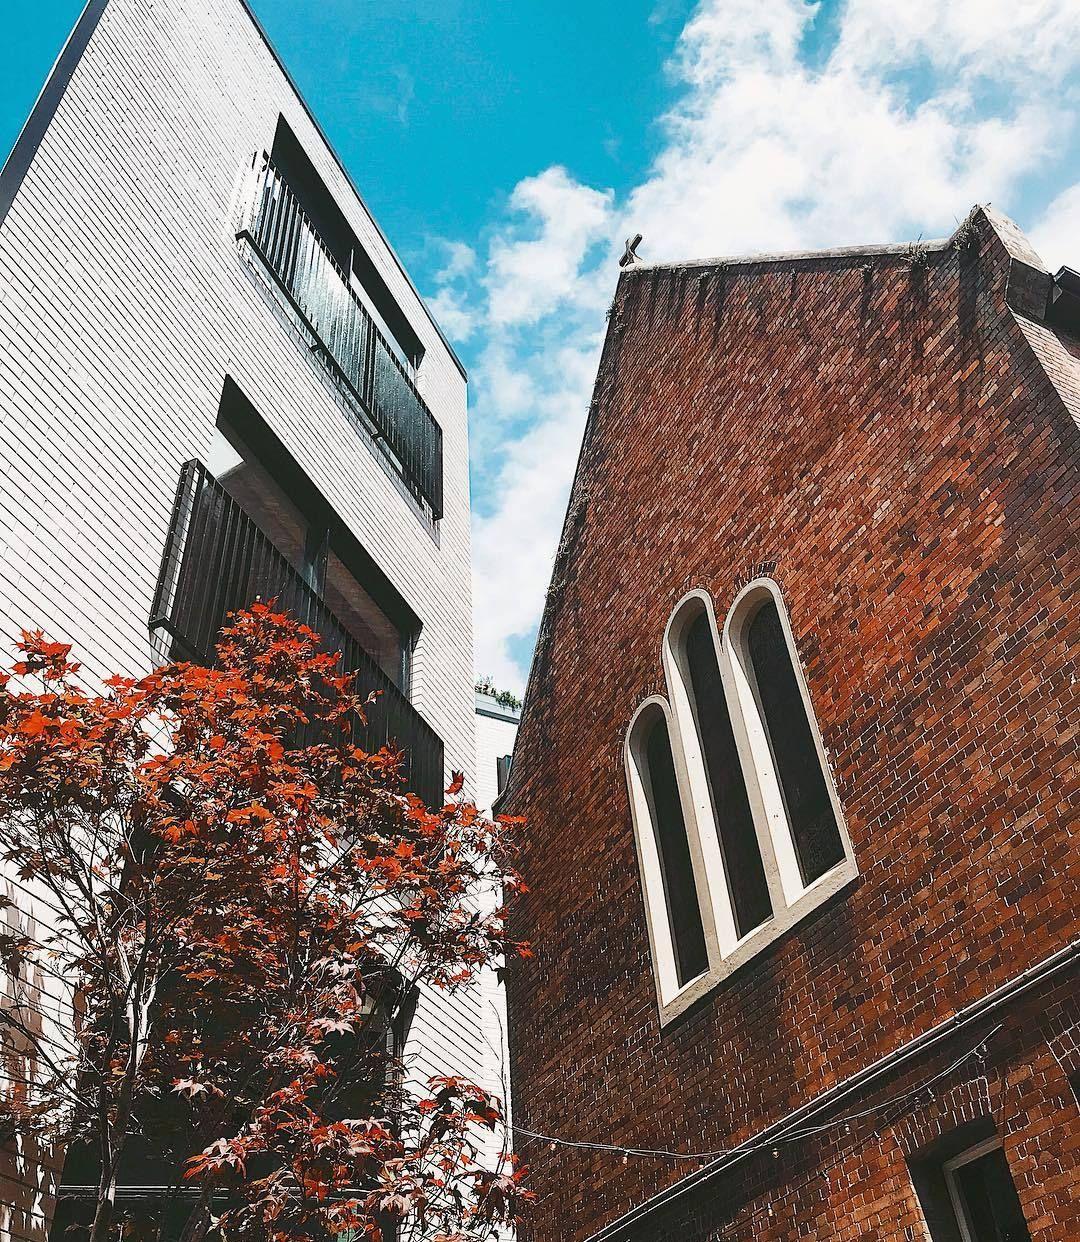 揭秘这家隐藏在悉尼修道院中的复古酒店!来澳洲旅游不可错过